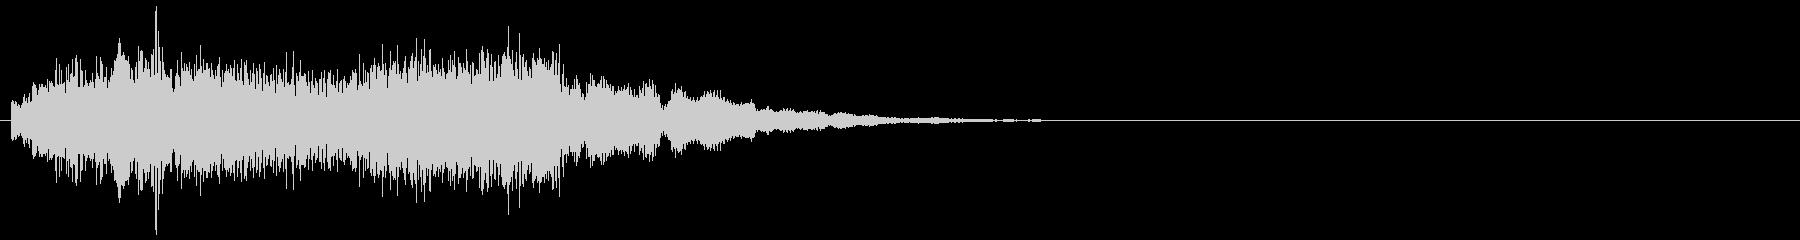 キララララルリラーン(キラキラ系装飾音)の未再生の波形